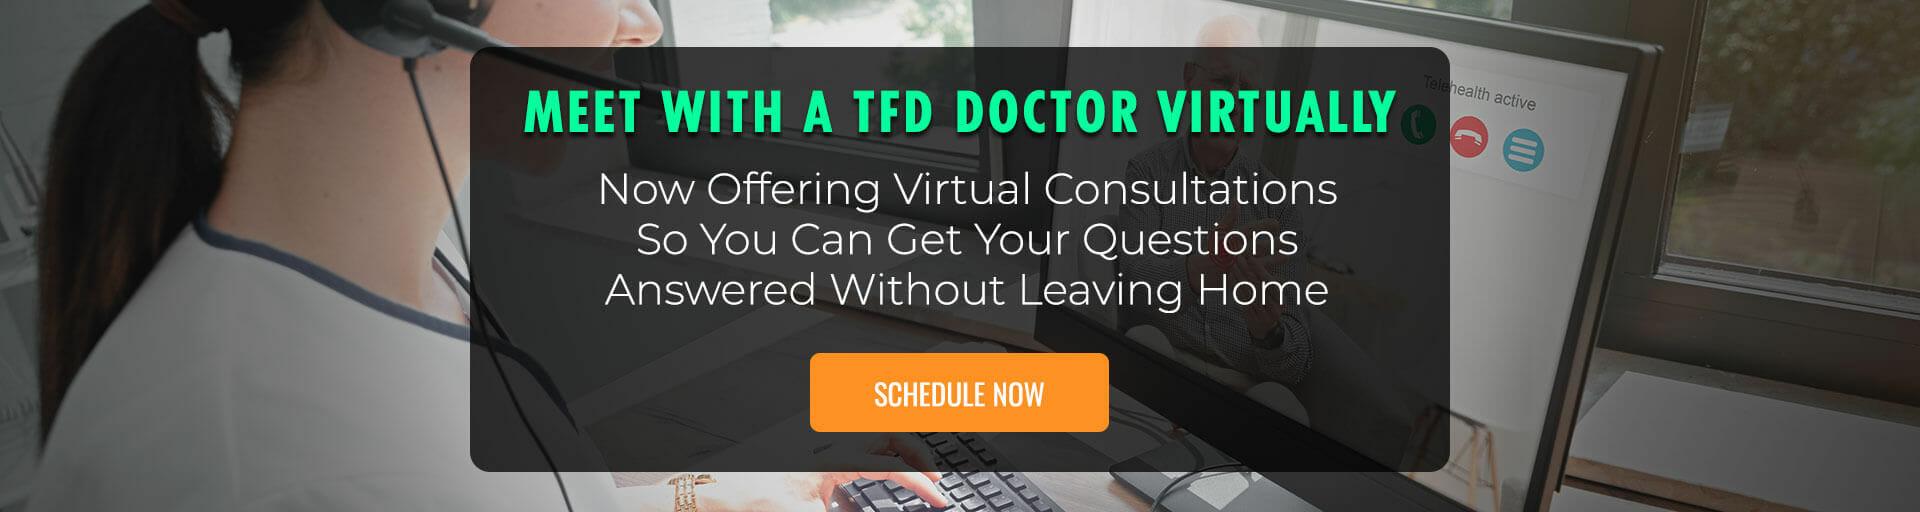 virtual-consultations